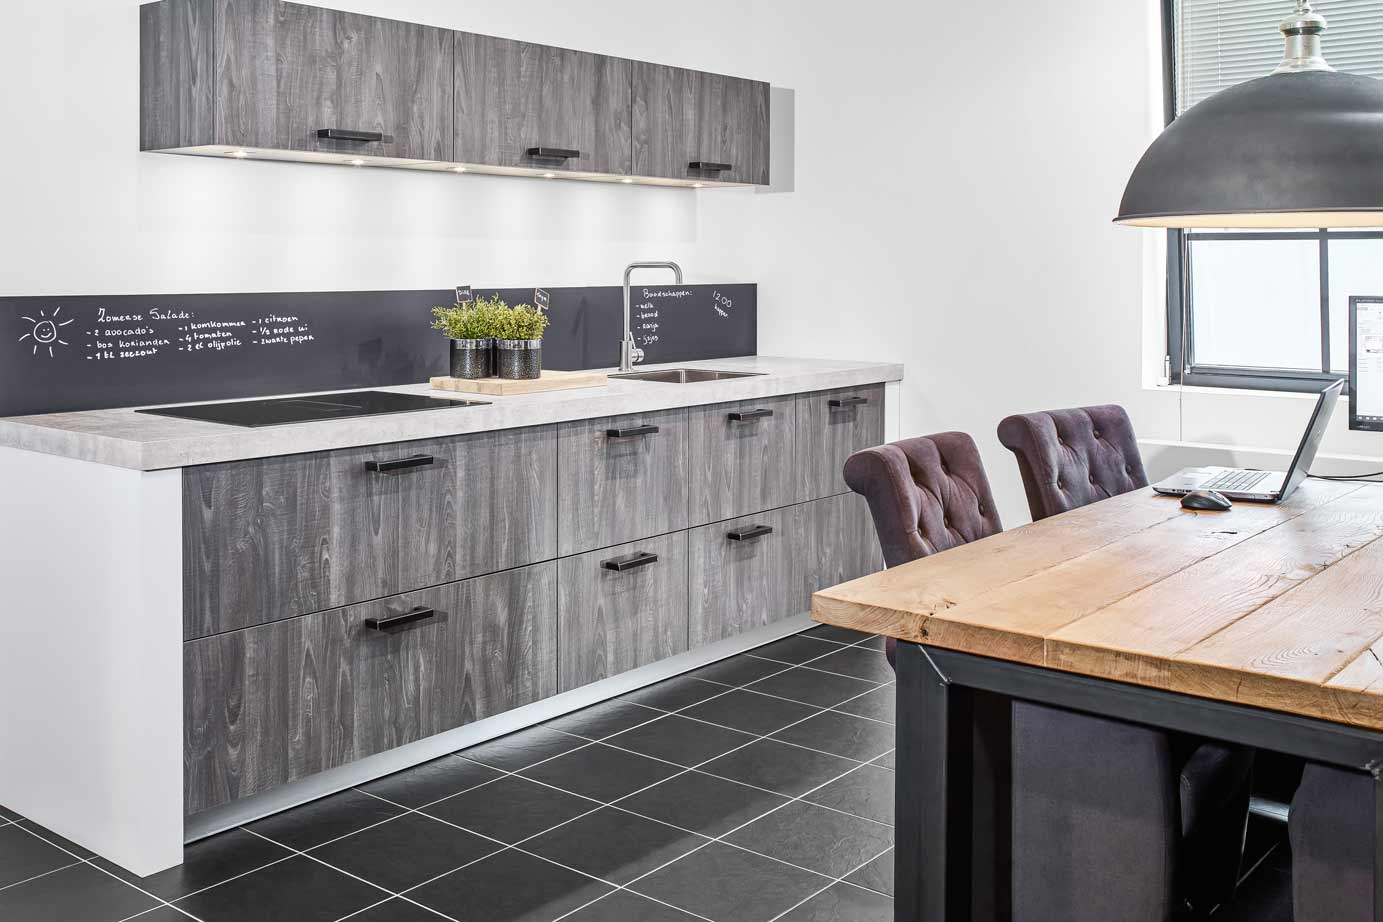 Beste afbeeldingen van keuken ideeën grootkeukens huis ideeën